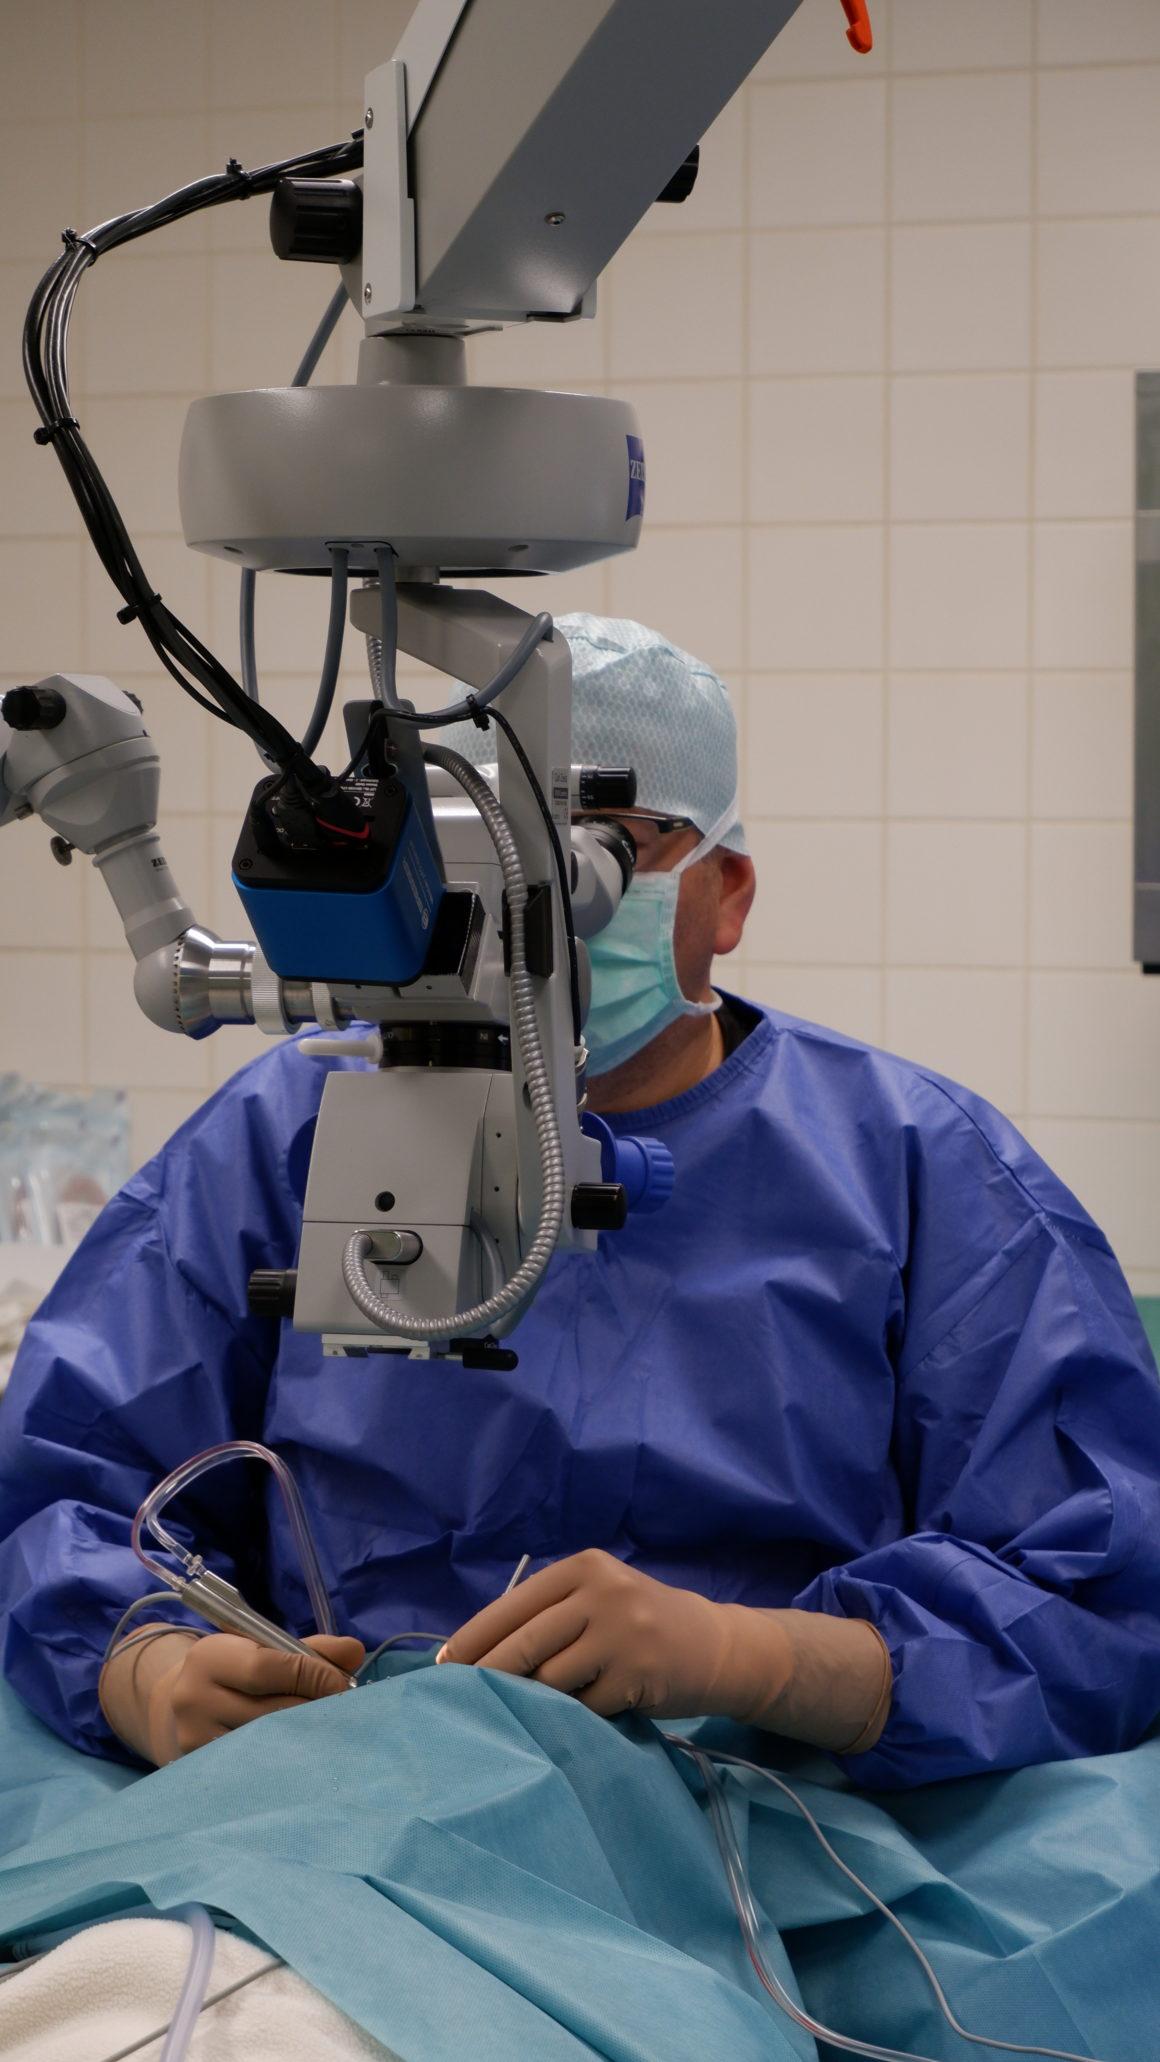 Augen OP im Operationssaal